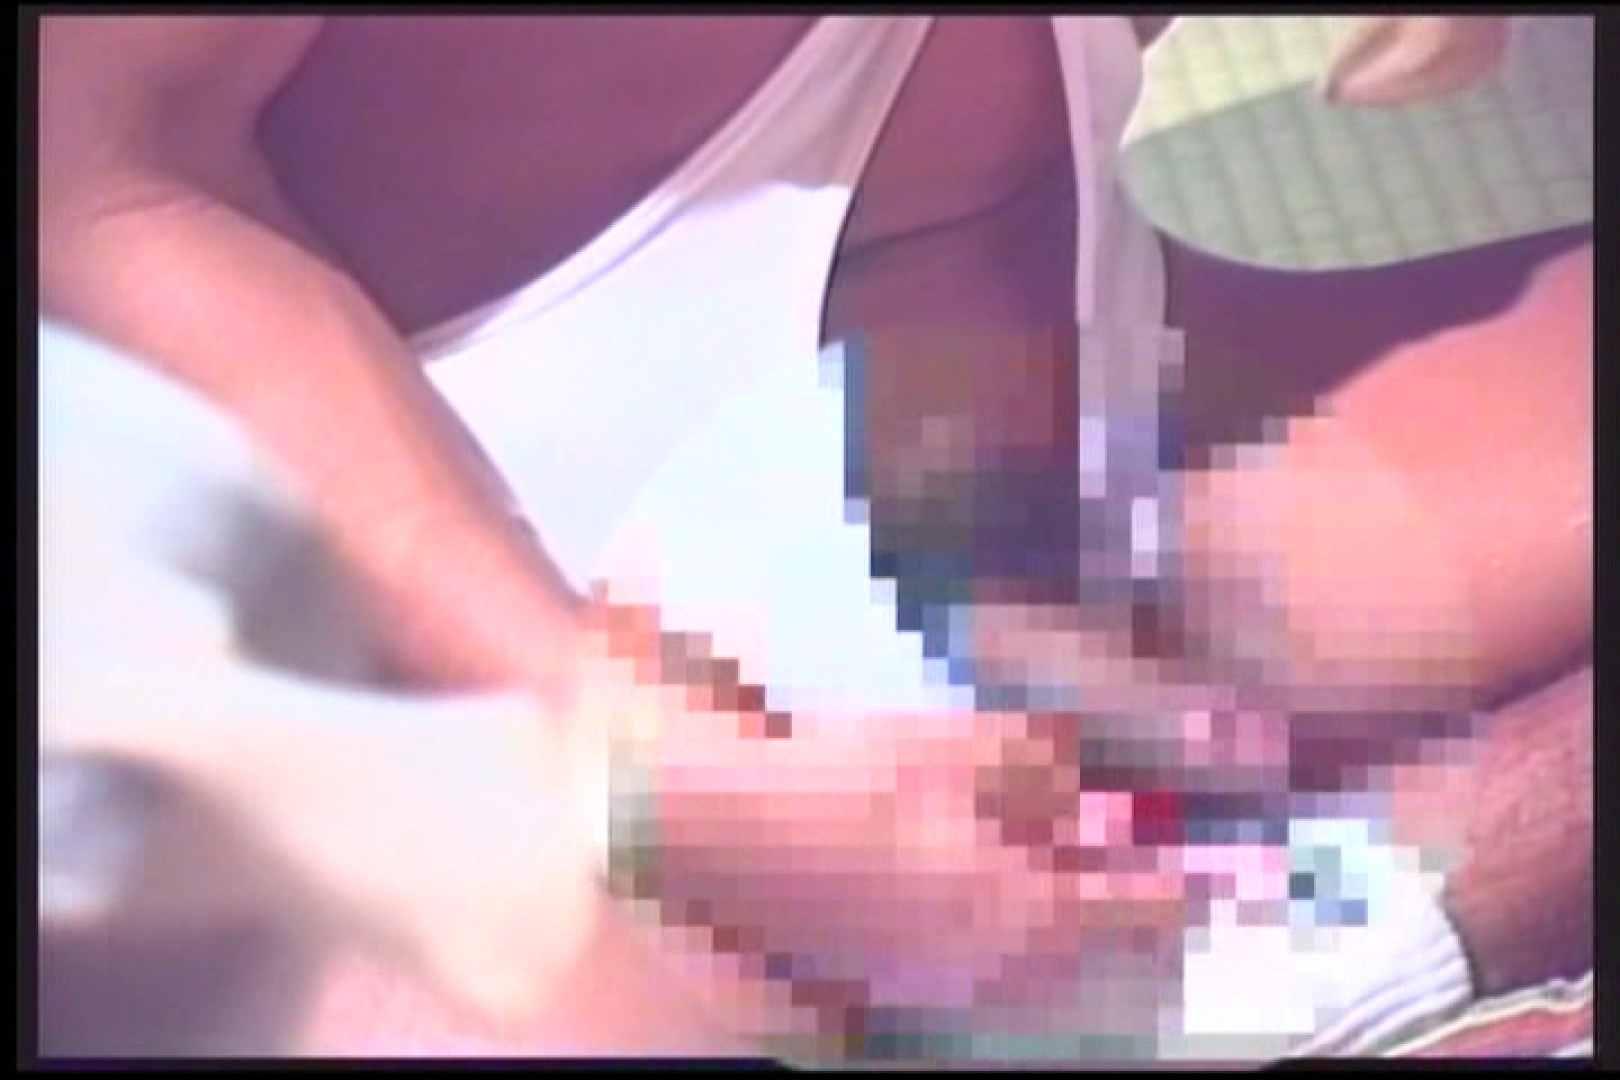 若人は元気!新歓合宿にておふざけ特集VOL.04 スポーツ系ボーイズ | ガチムチマッチョ系  87pic 45